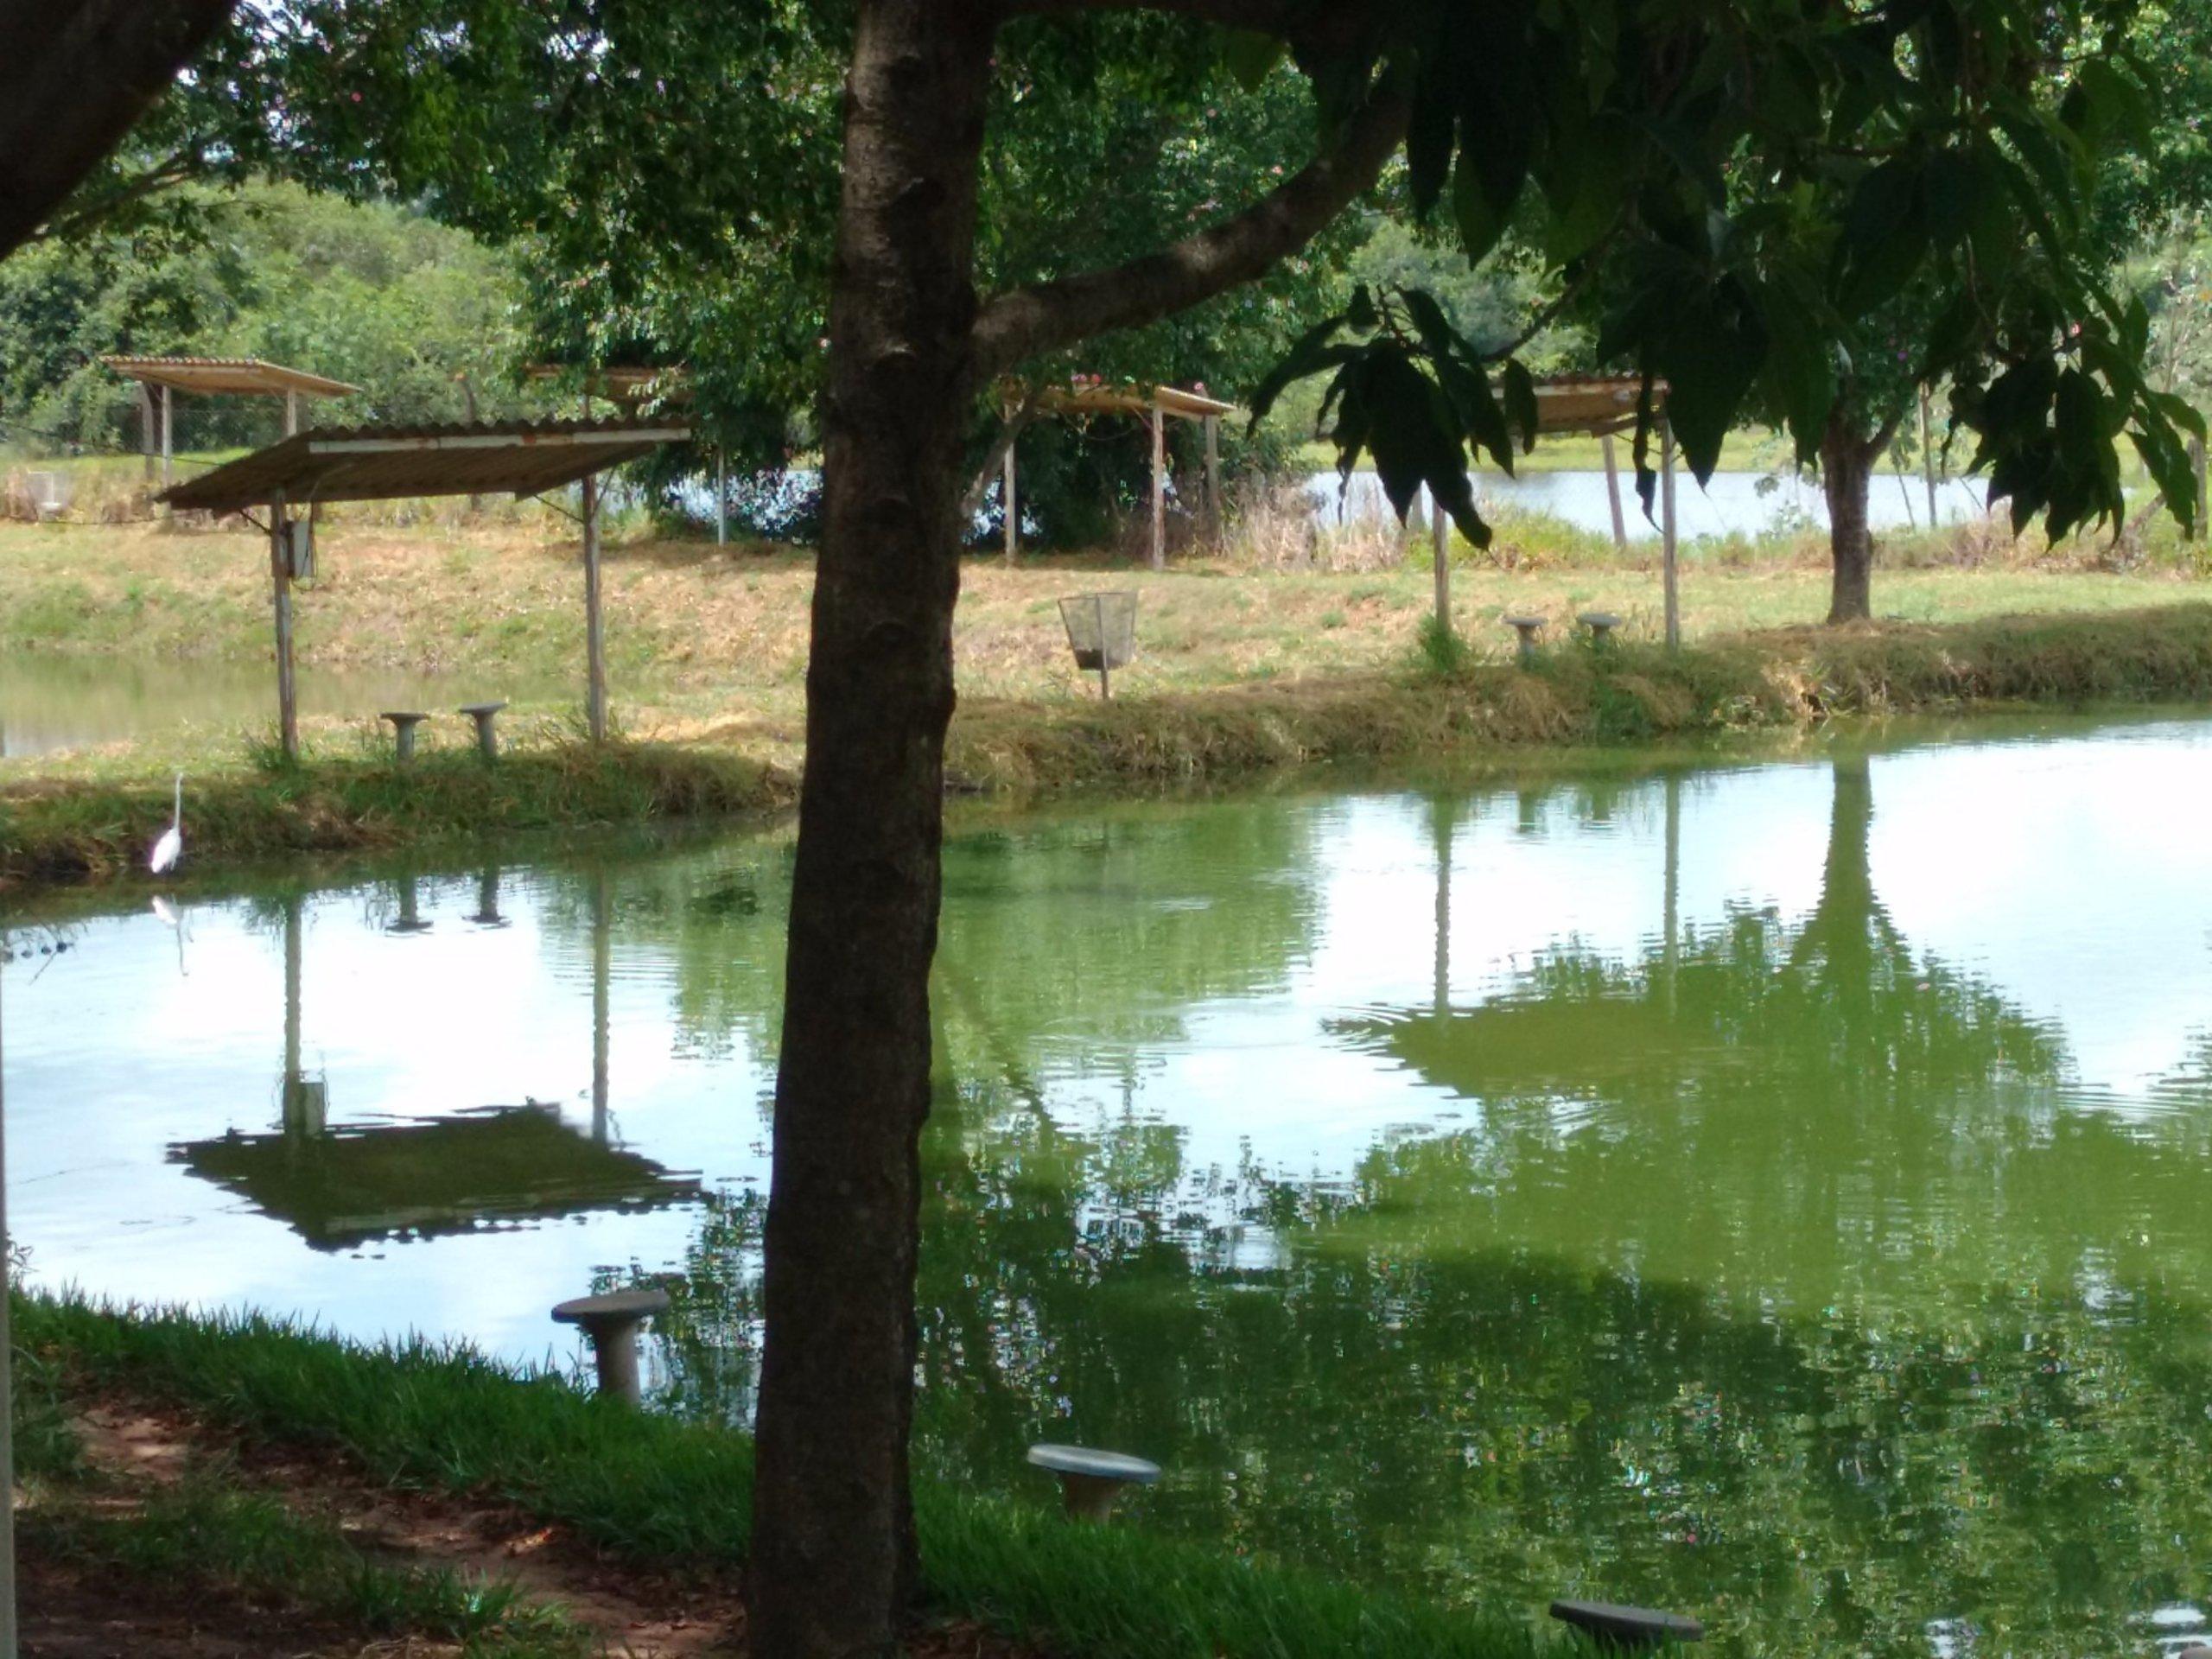 Bastos São Paulo fonte: media-cdn.tripadvisor.com